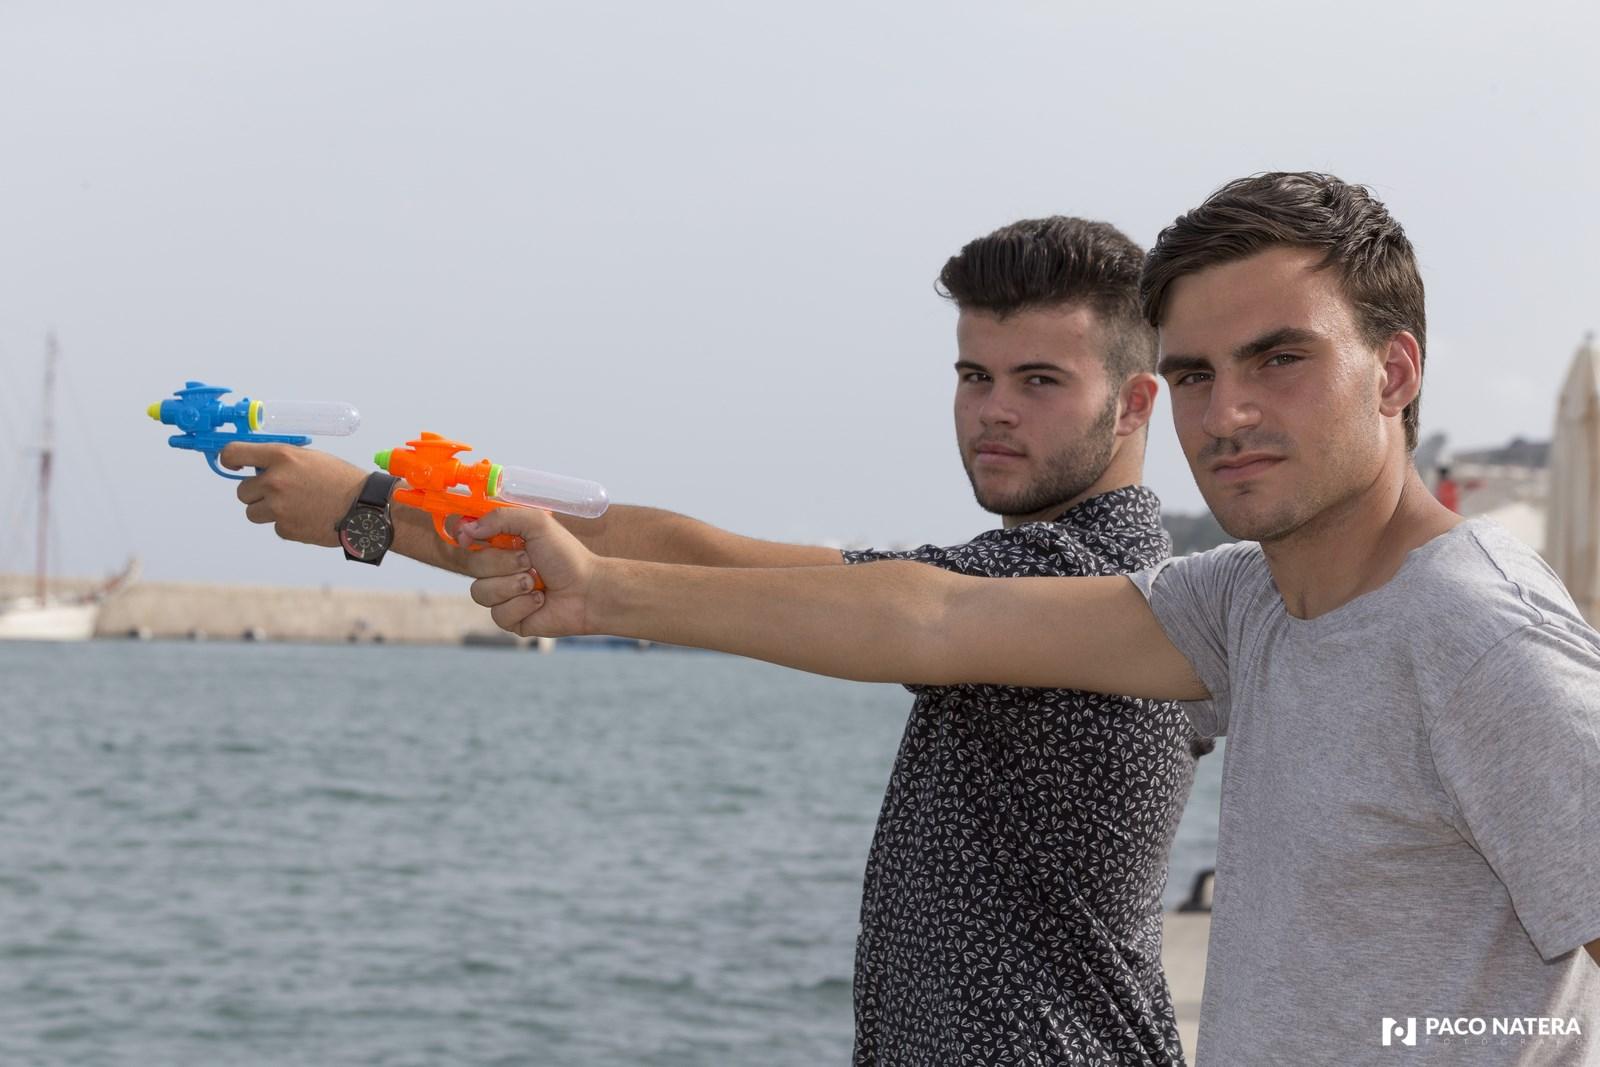 Los dos cazafutbolisas siempre tienen preparadas sus pistolas.